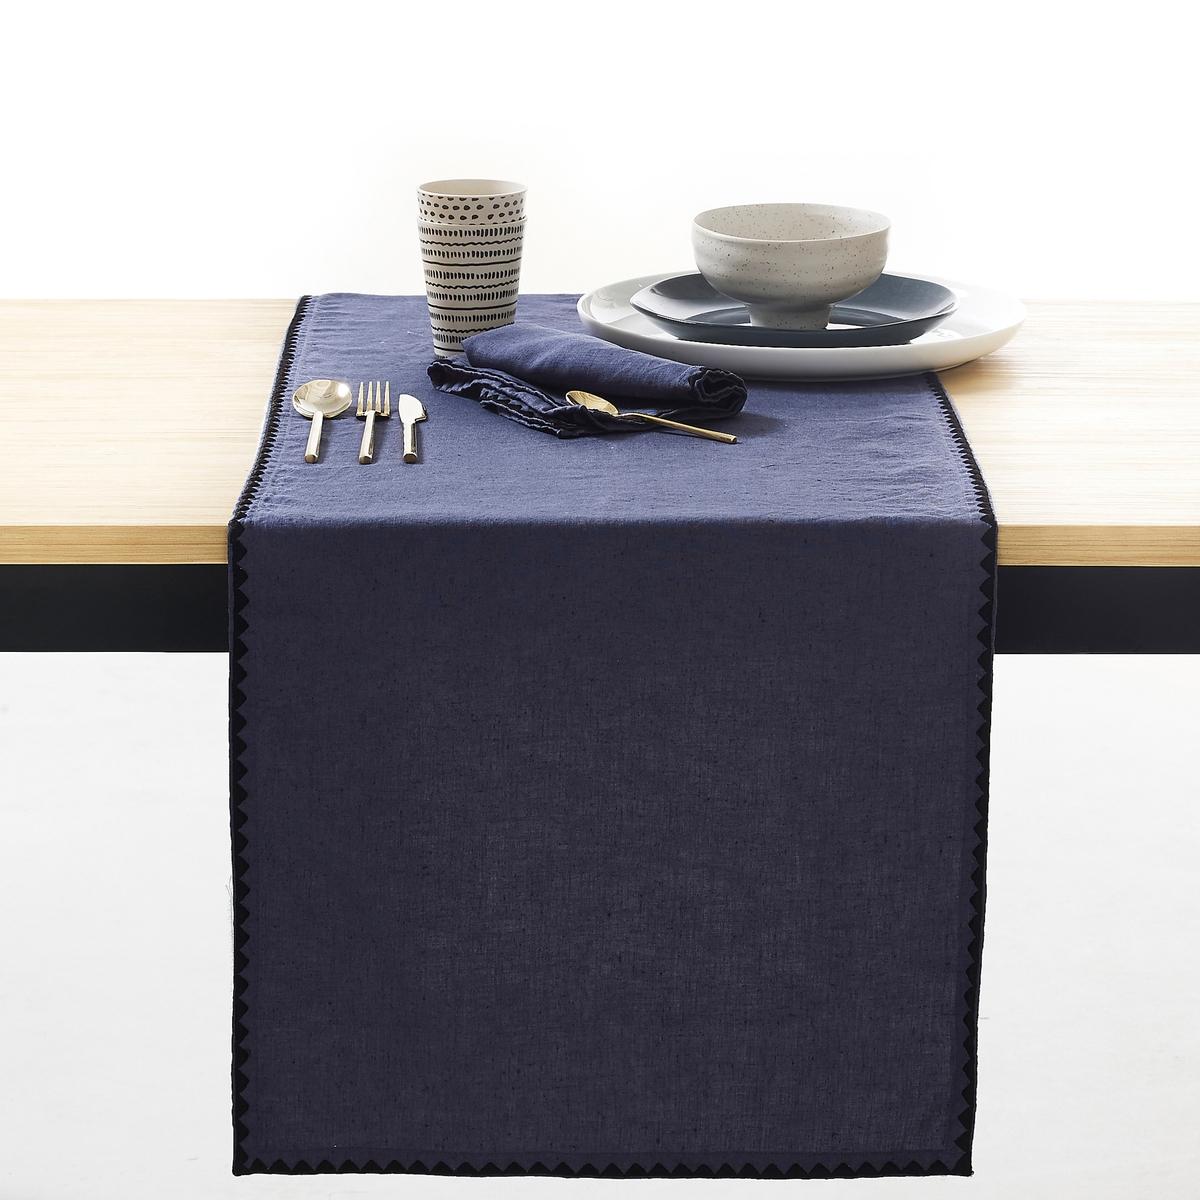 Дорожка столовая однотонная из льна/хлопка, ADRIOХарактеристики столовой дорожки Adrio :  45% льна, 55% хлопка: смесь волокон льна и хлопка, известная своей мягкостью и стойкостью к износу и стиркам.Вышивка в виде треугольников черного цвета. Машинная стирка при 60 °С. Всю коллекцию Adrio вы можете найти на сайте laredoute.ruРазмеры столовой дорожки Adrio :50 x 150 см<br><br>Цвет: синий индиго